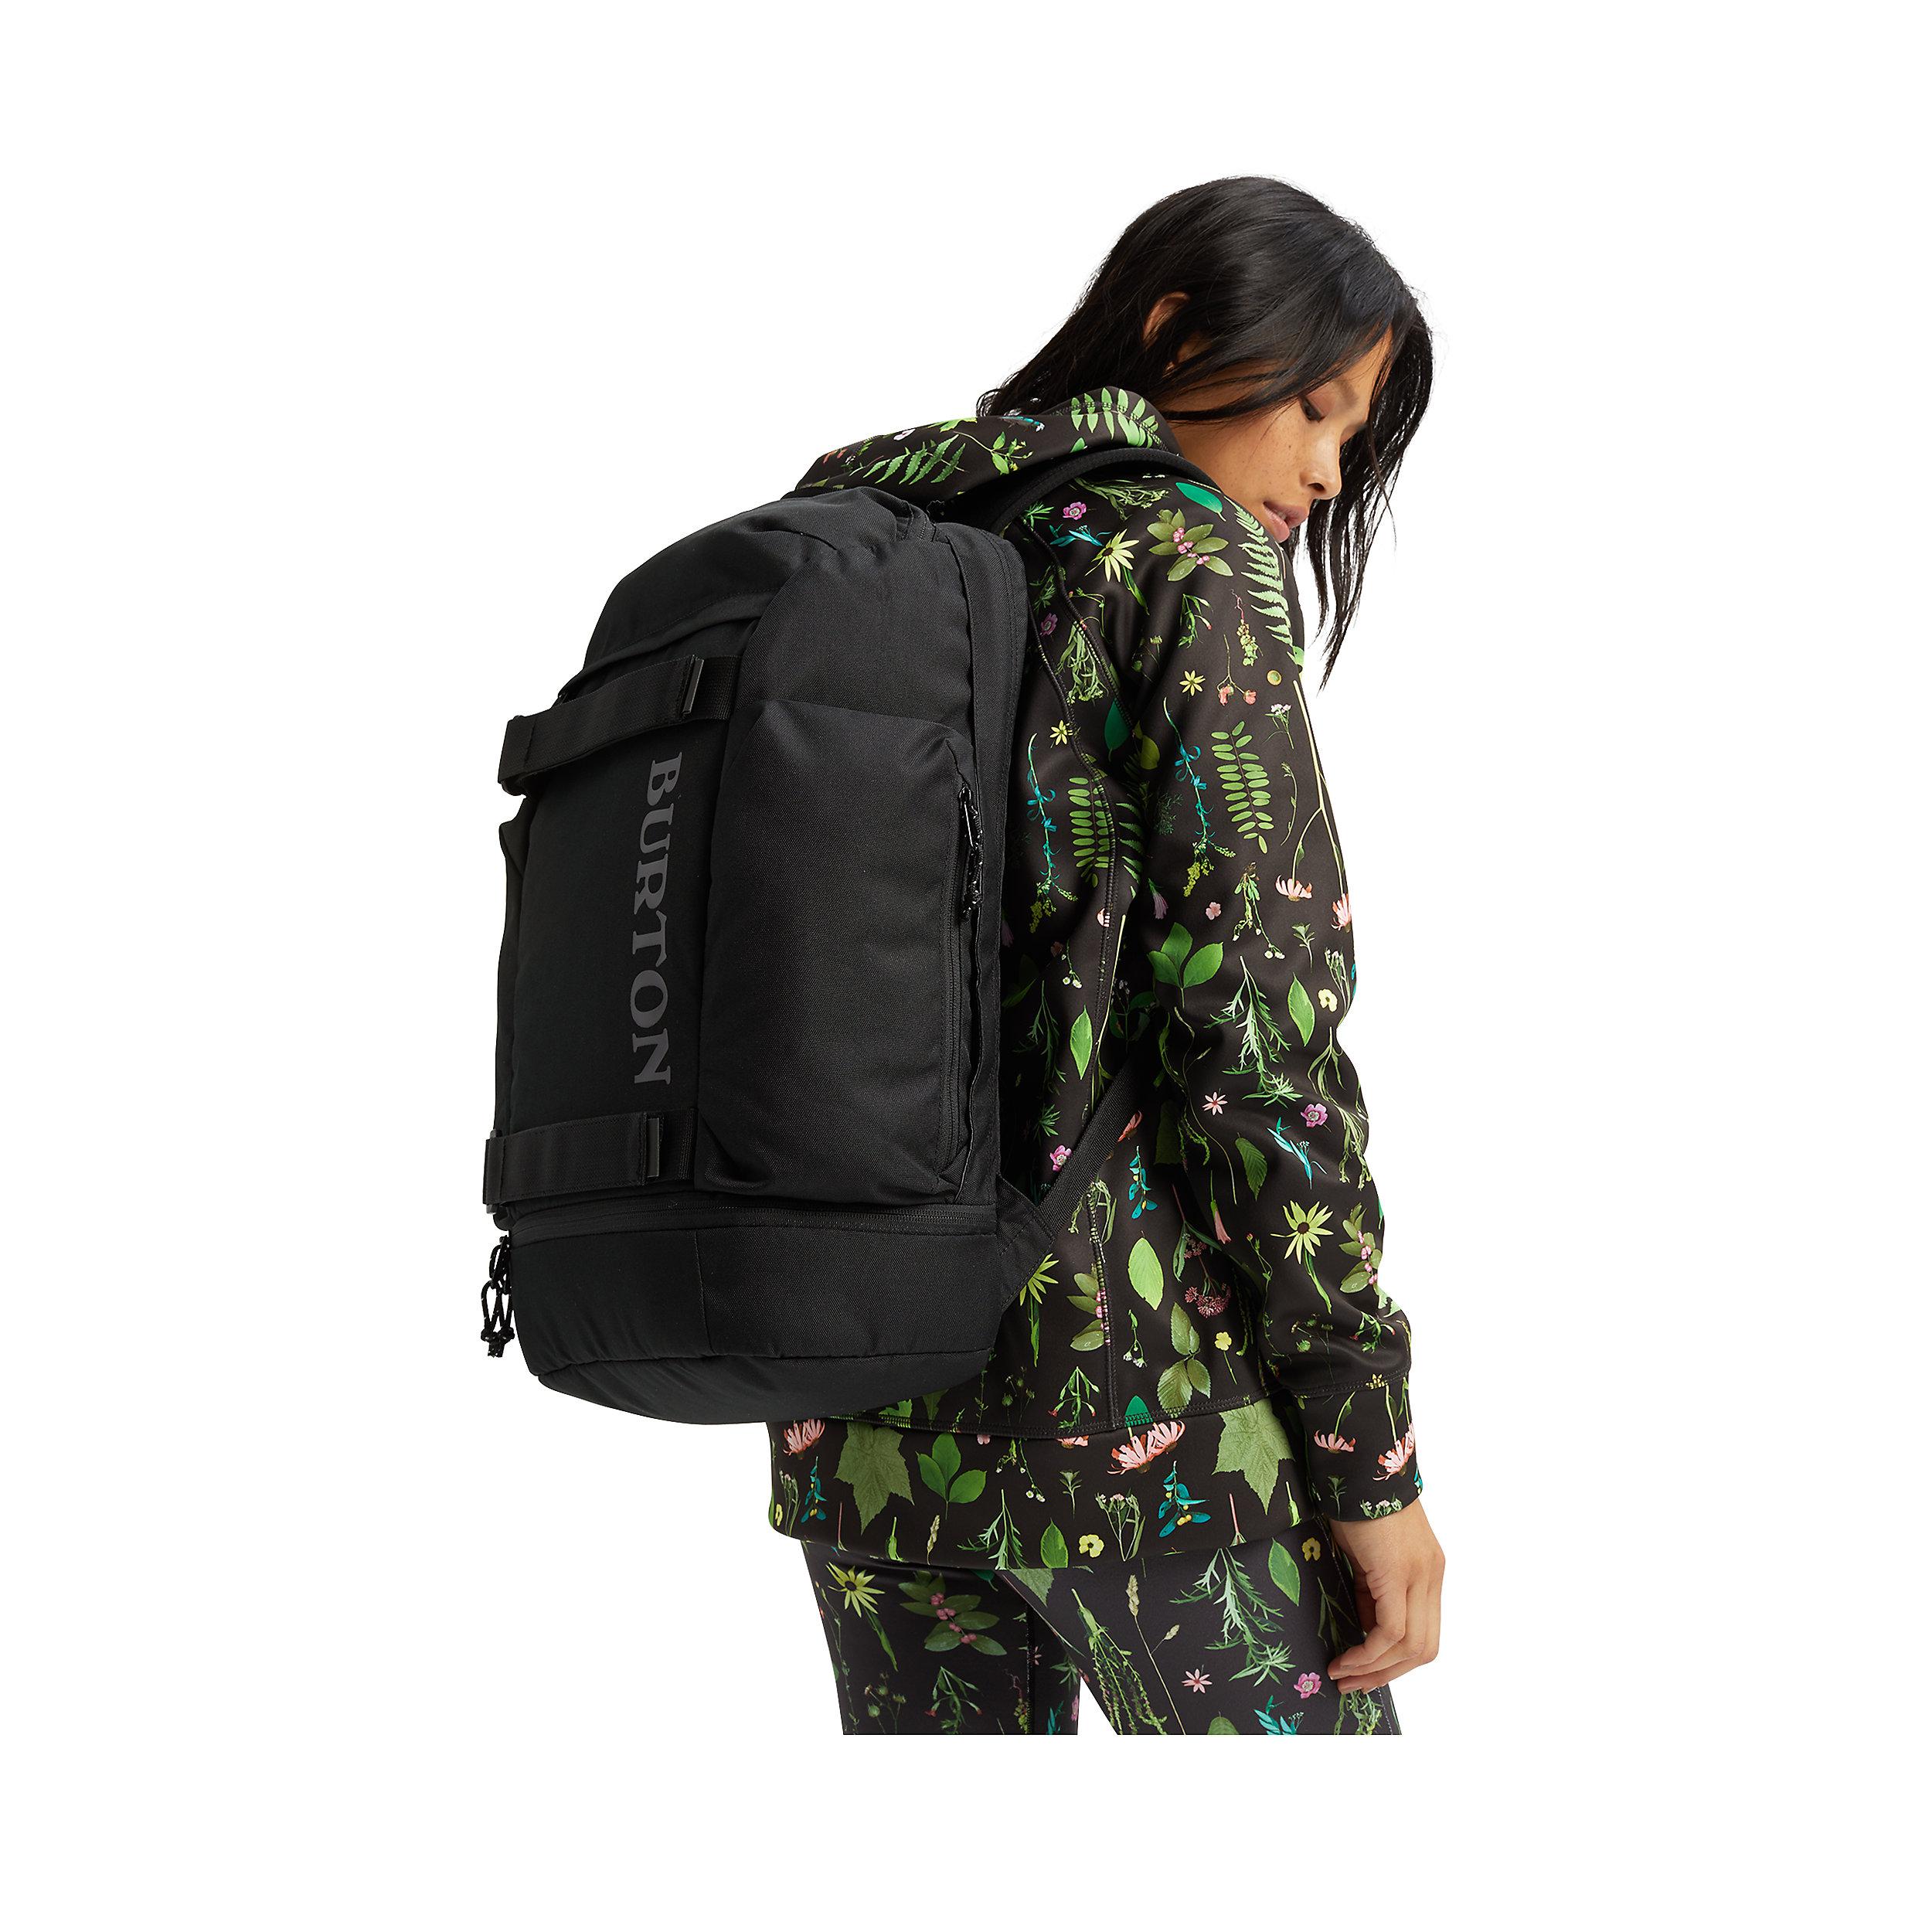 Backpack Distortion 2.0 13 inch L 29 Liter